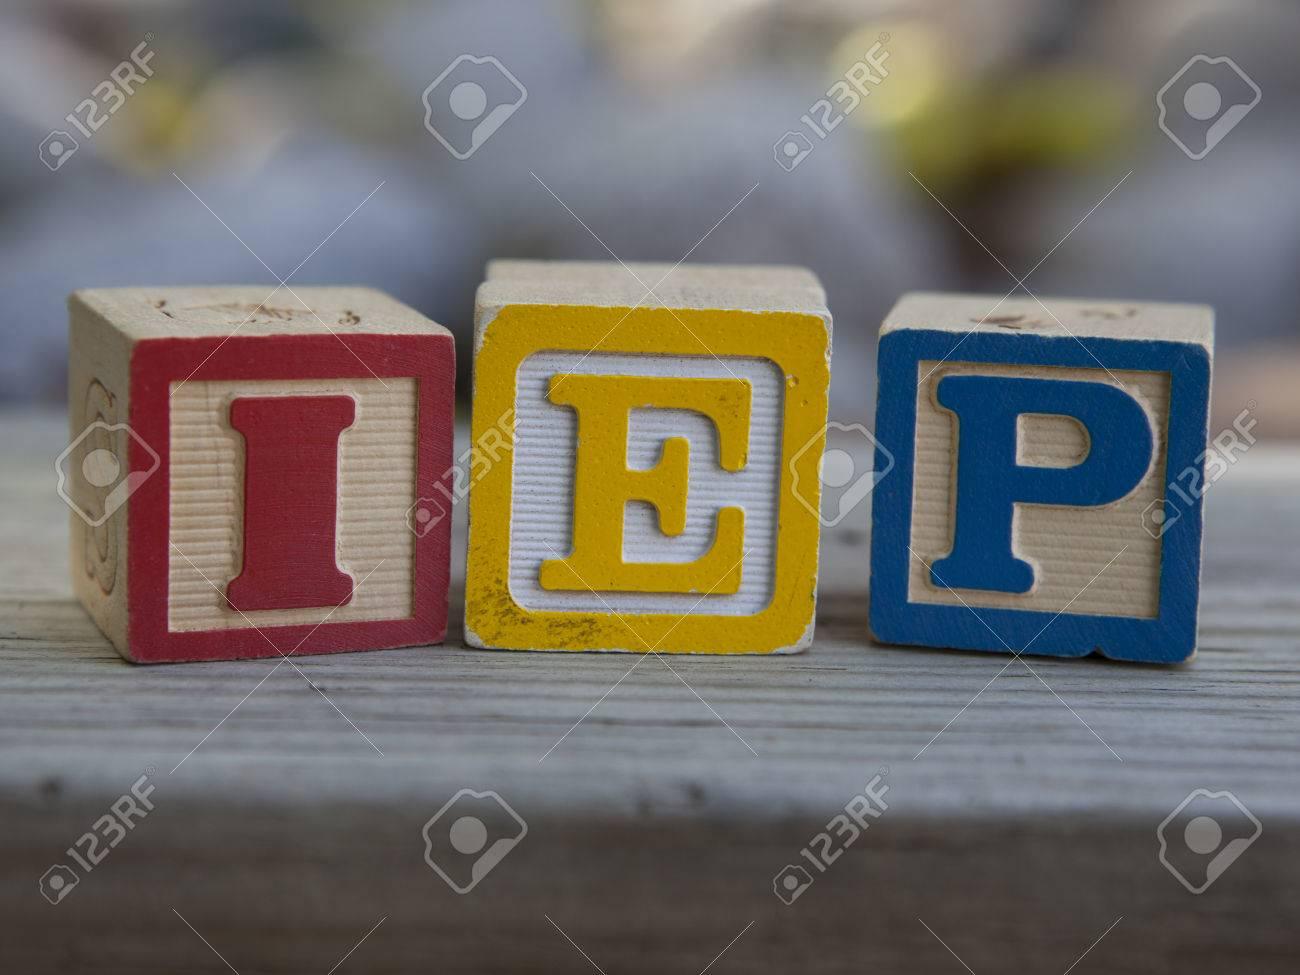 Plan De Educación Individualizada (IEP) Bloques De Madera Fotos ...